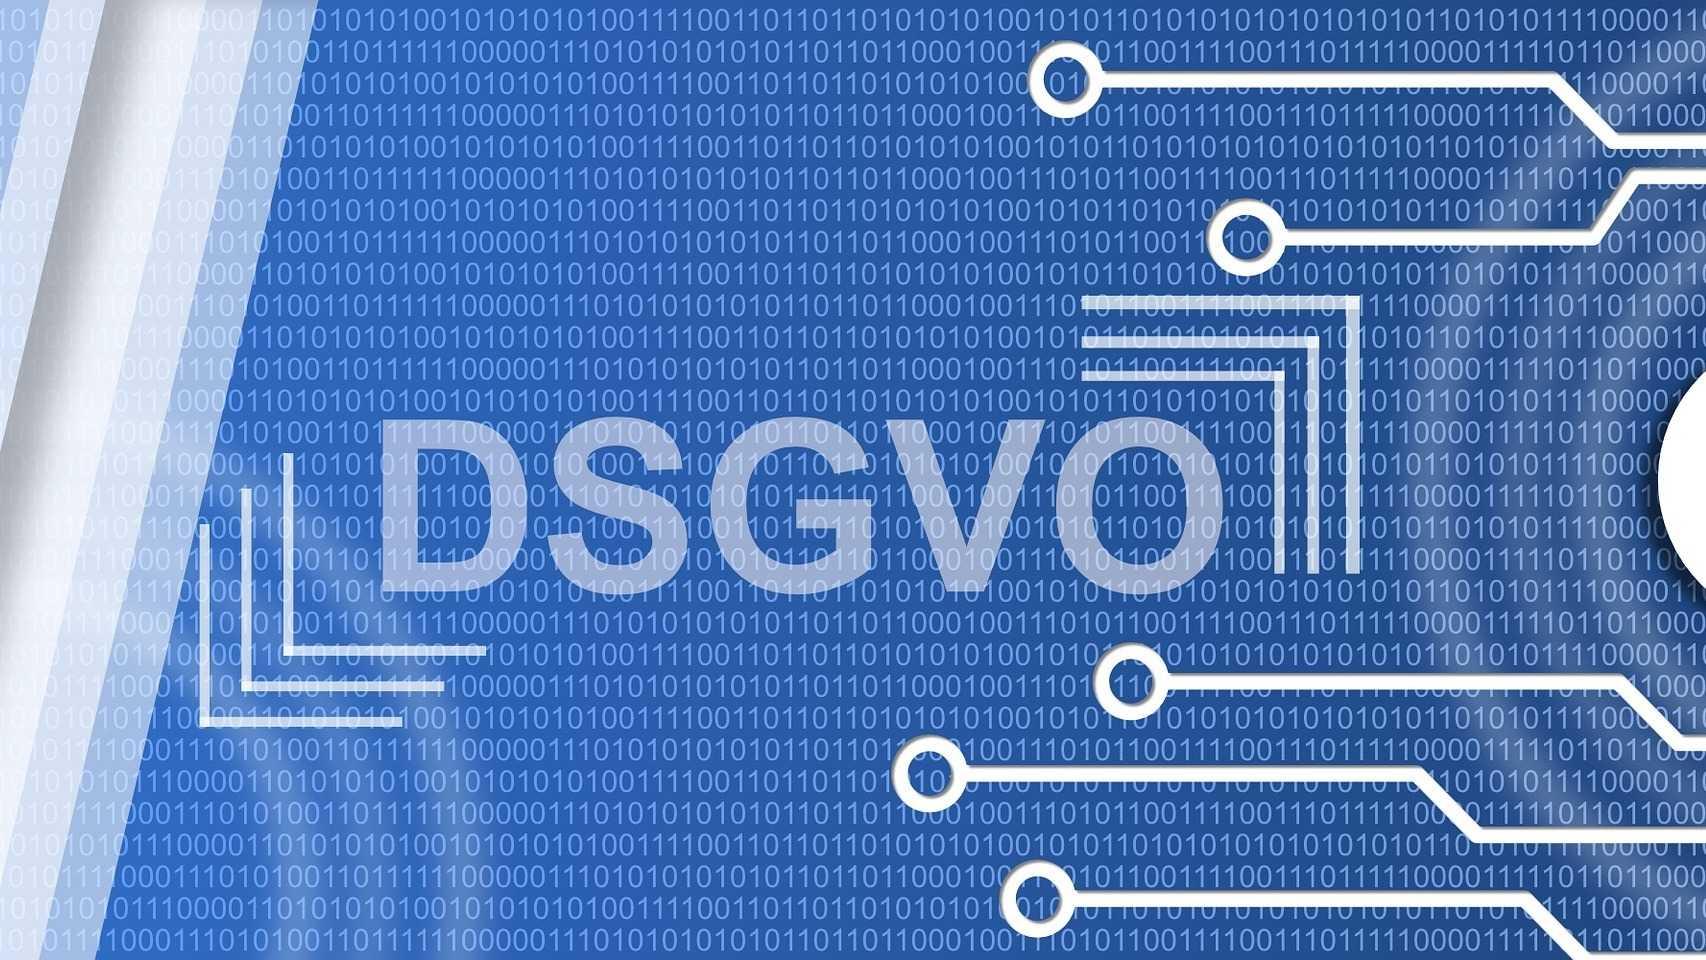 Bislang 75 Bußgelder wegen Verstößen gegen Datenschutzgrundverordnung